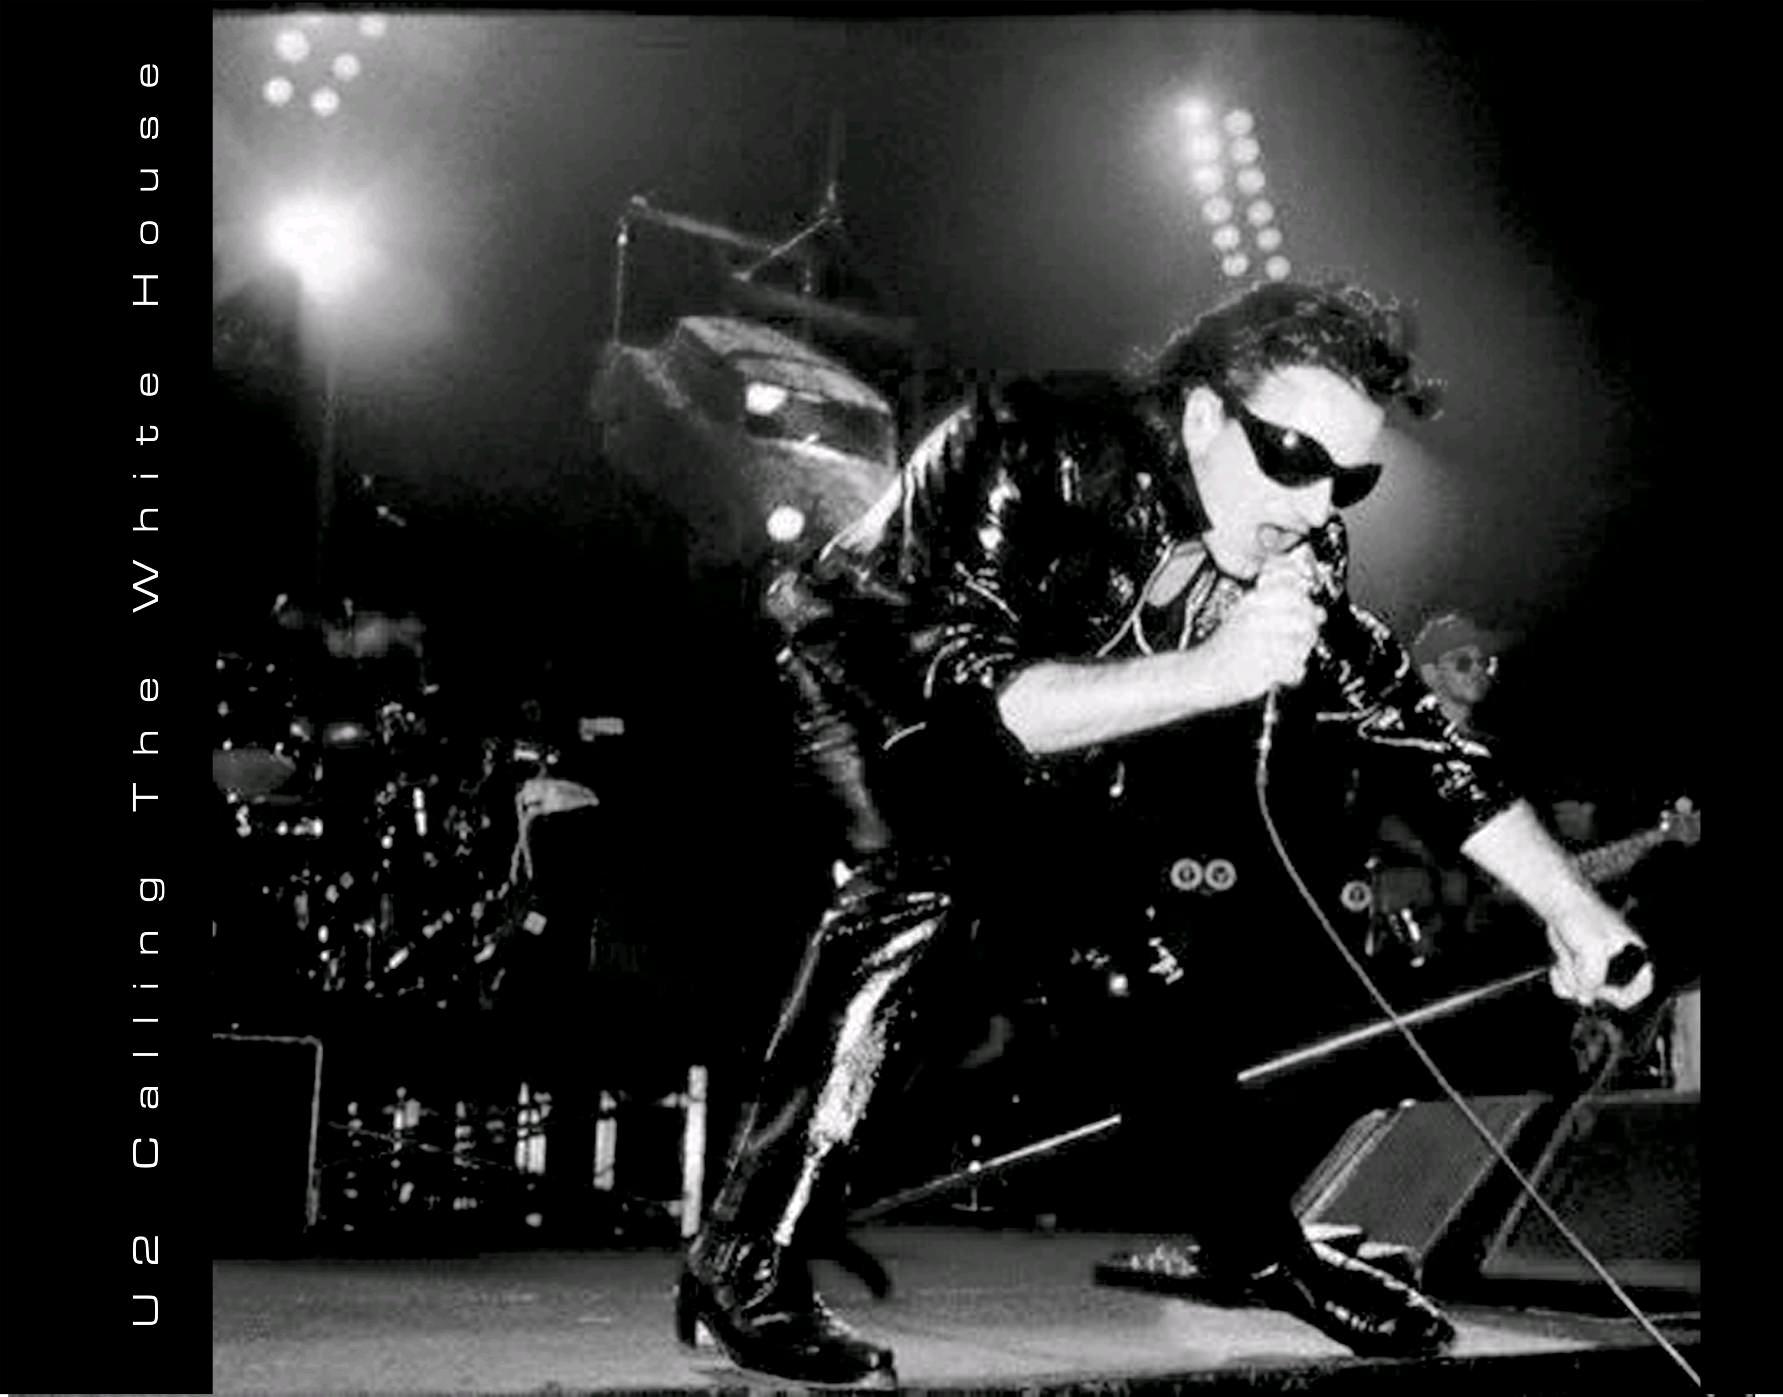 U2gigs com cover » Audio » 1991-1996 - Zoo TV Tour » 06